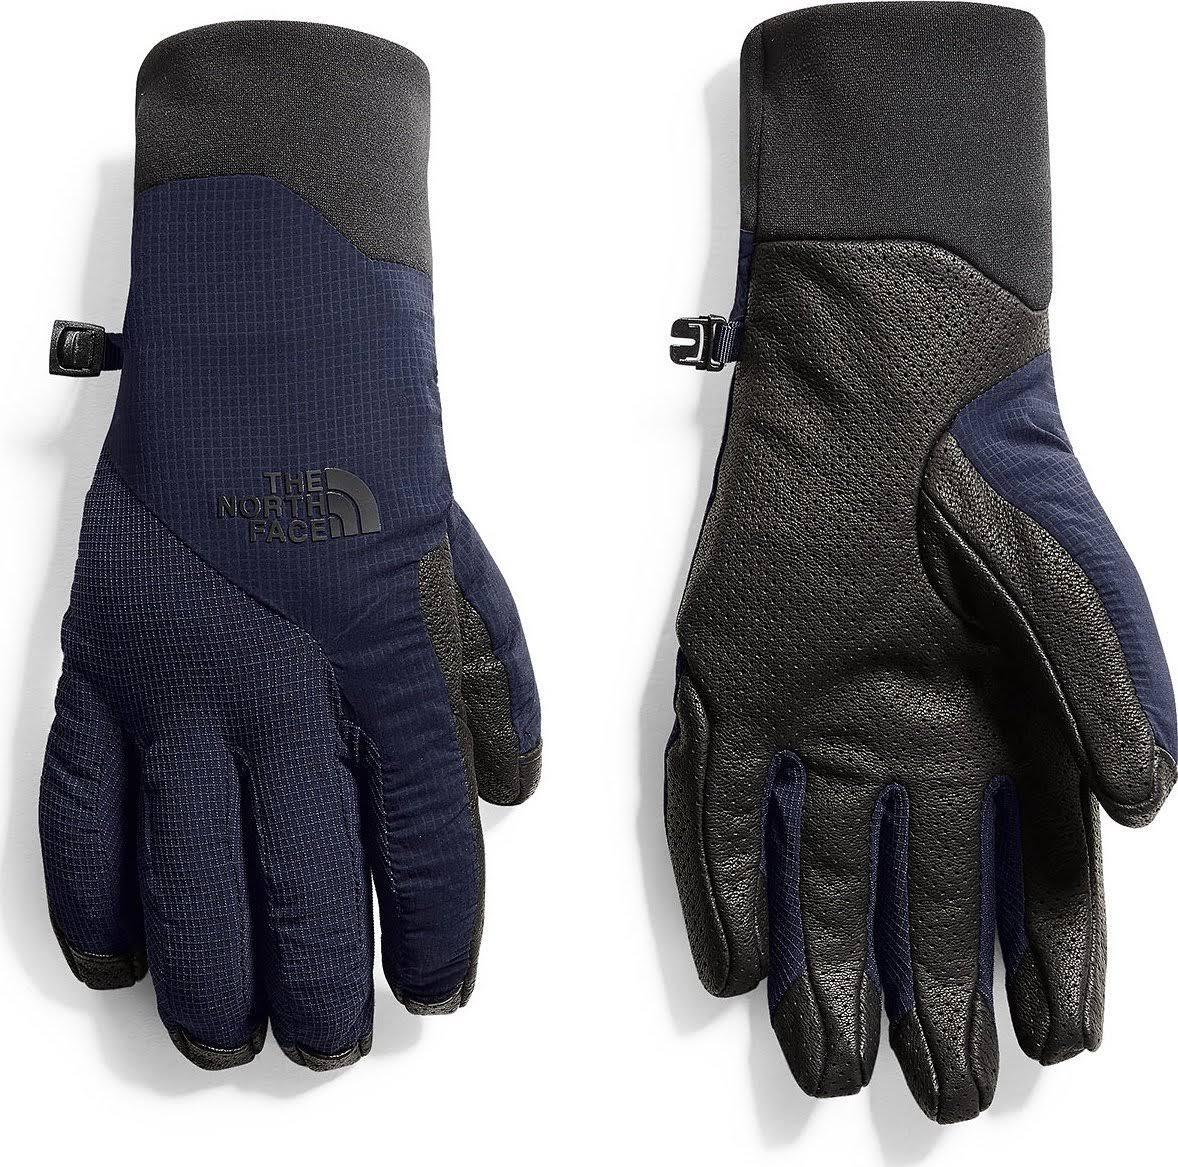 Ventrix Die North Face Saison Handschuhe Vergangene RRvTwxqE6